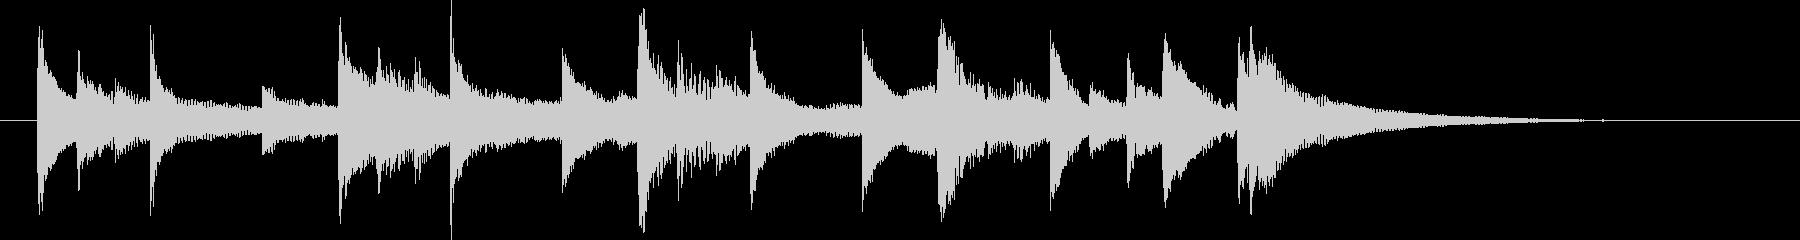 15秒CM/アコギ/ピアノ/感動/暖かいの未再生の波形